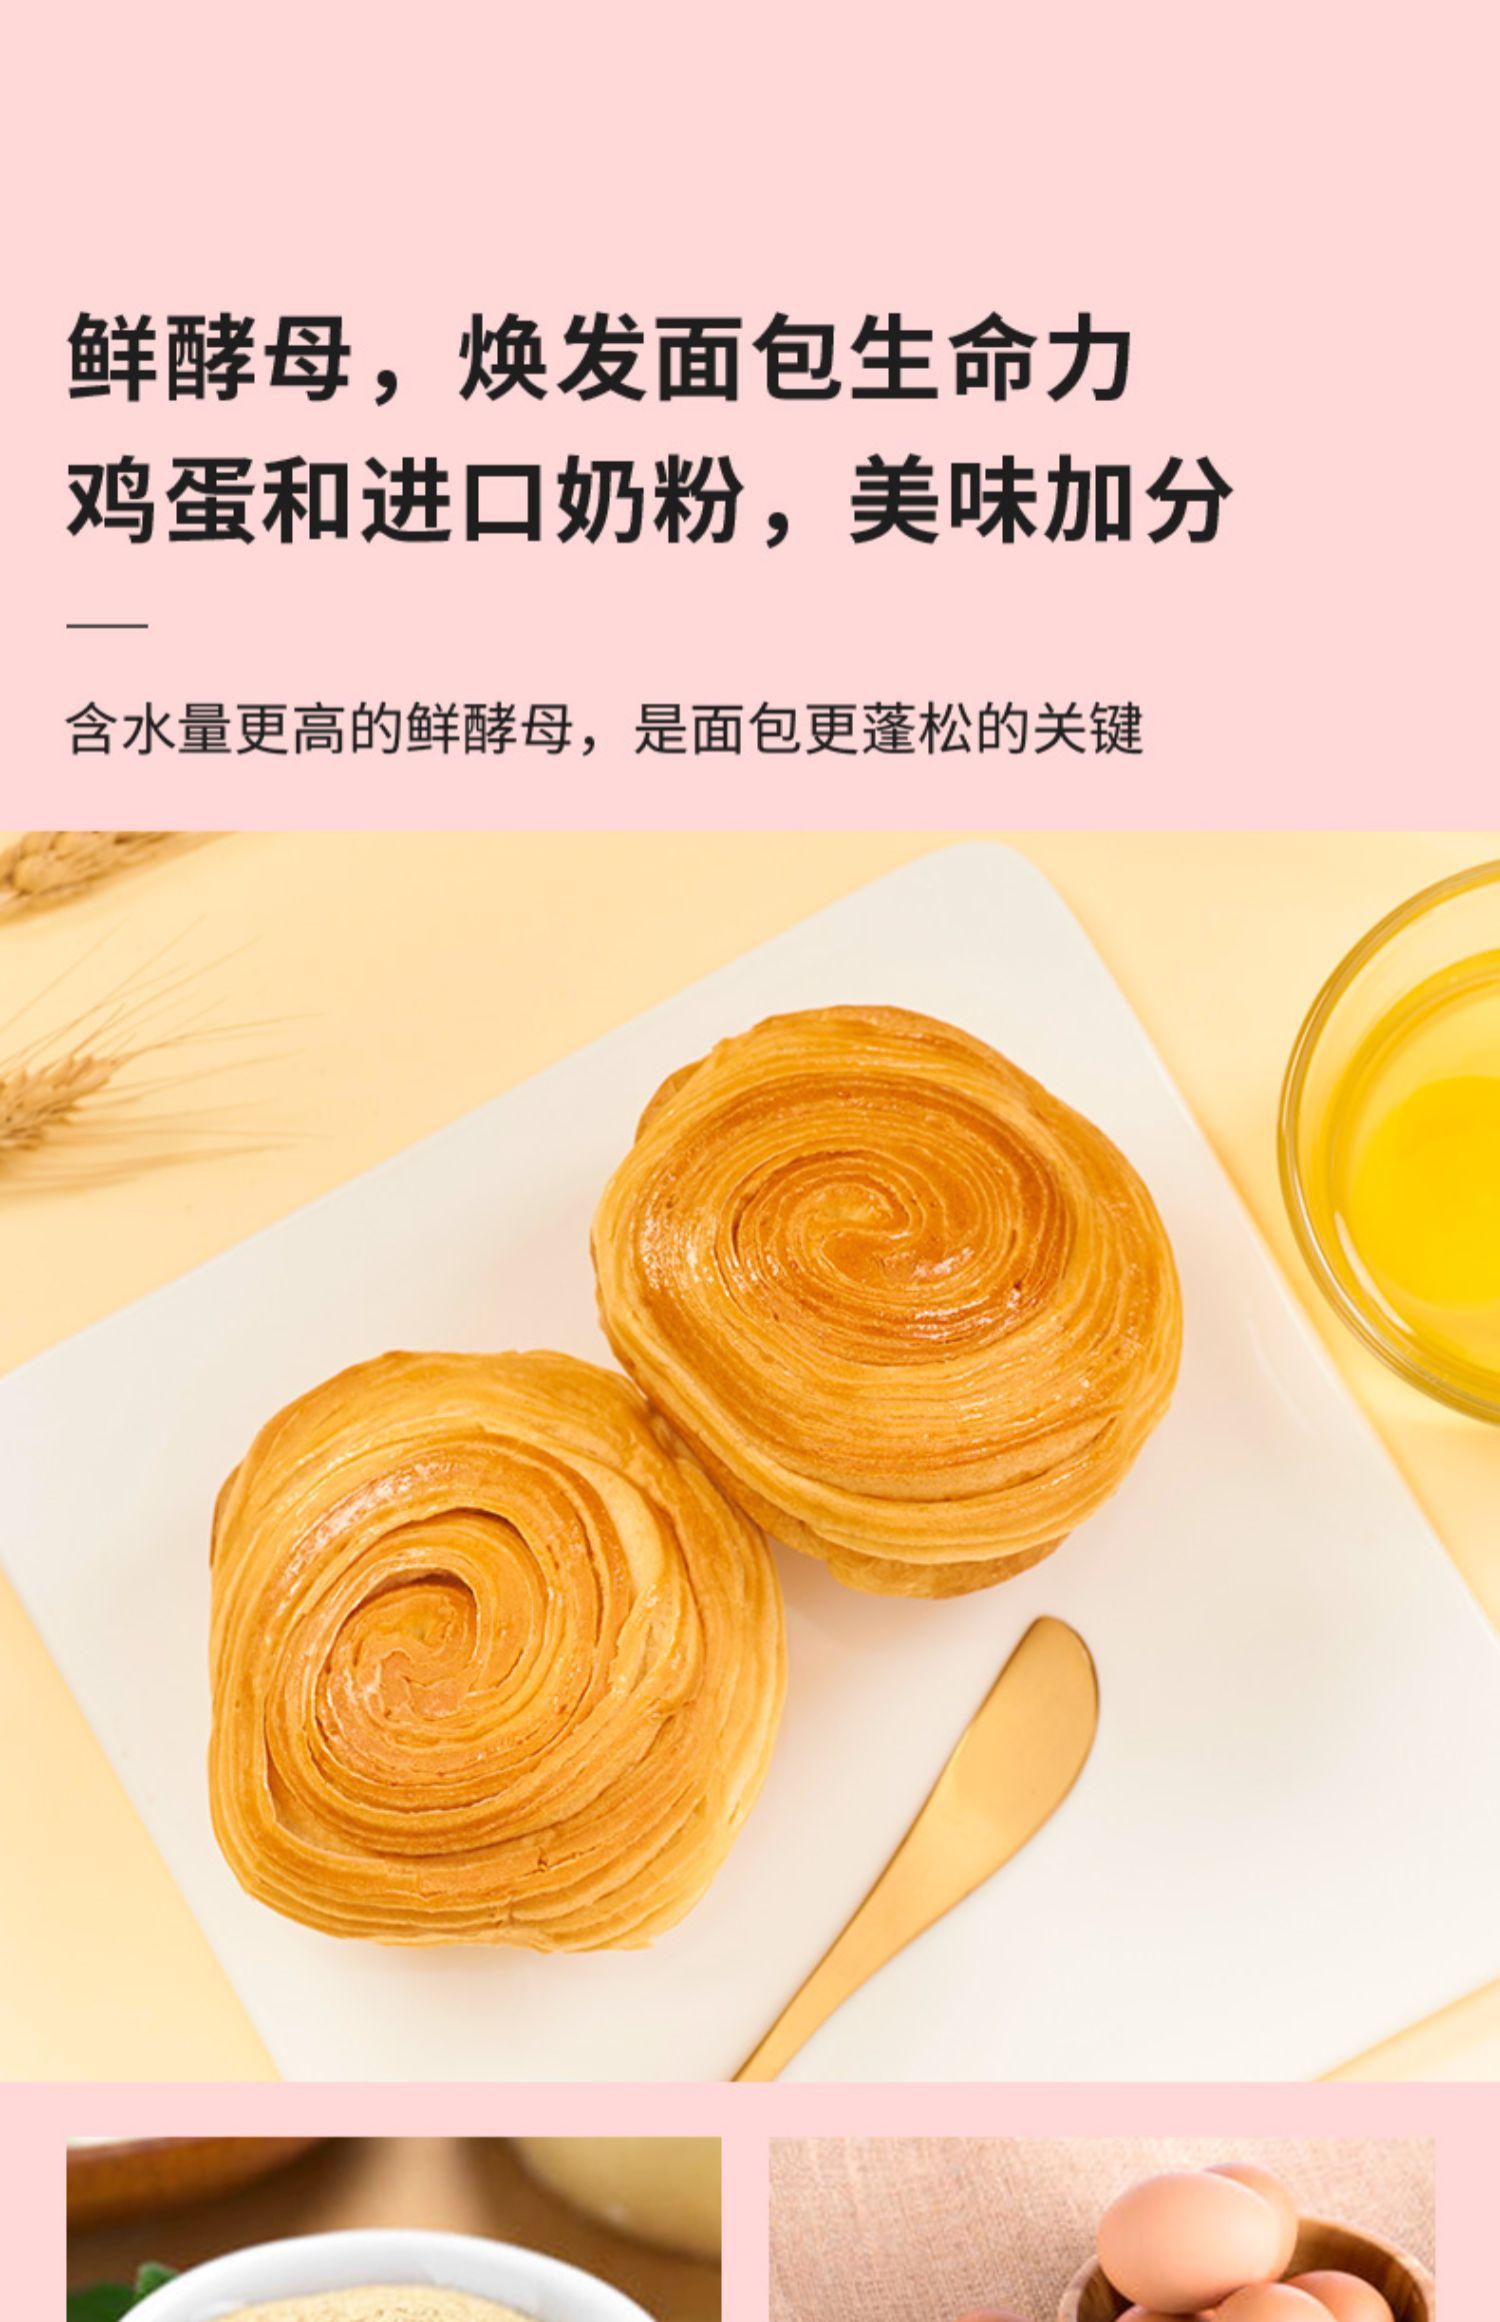 【来伊份】早餐手撕面包1000g